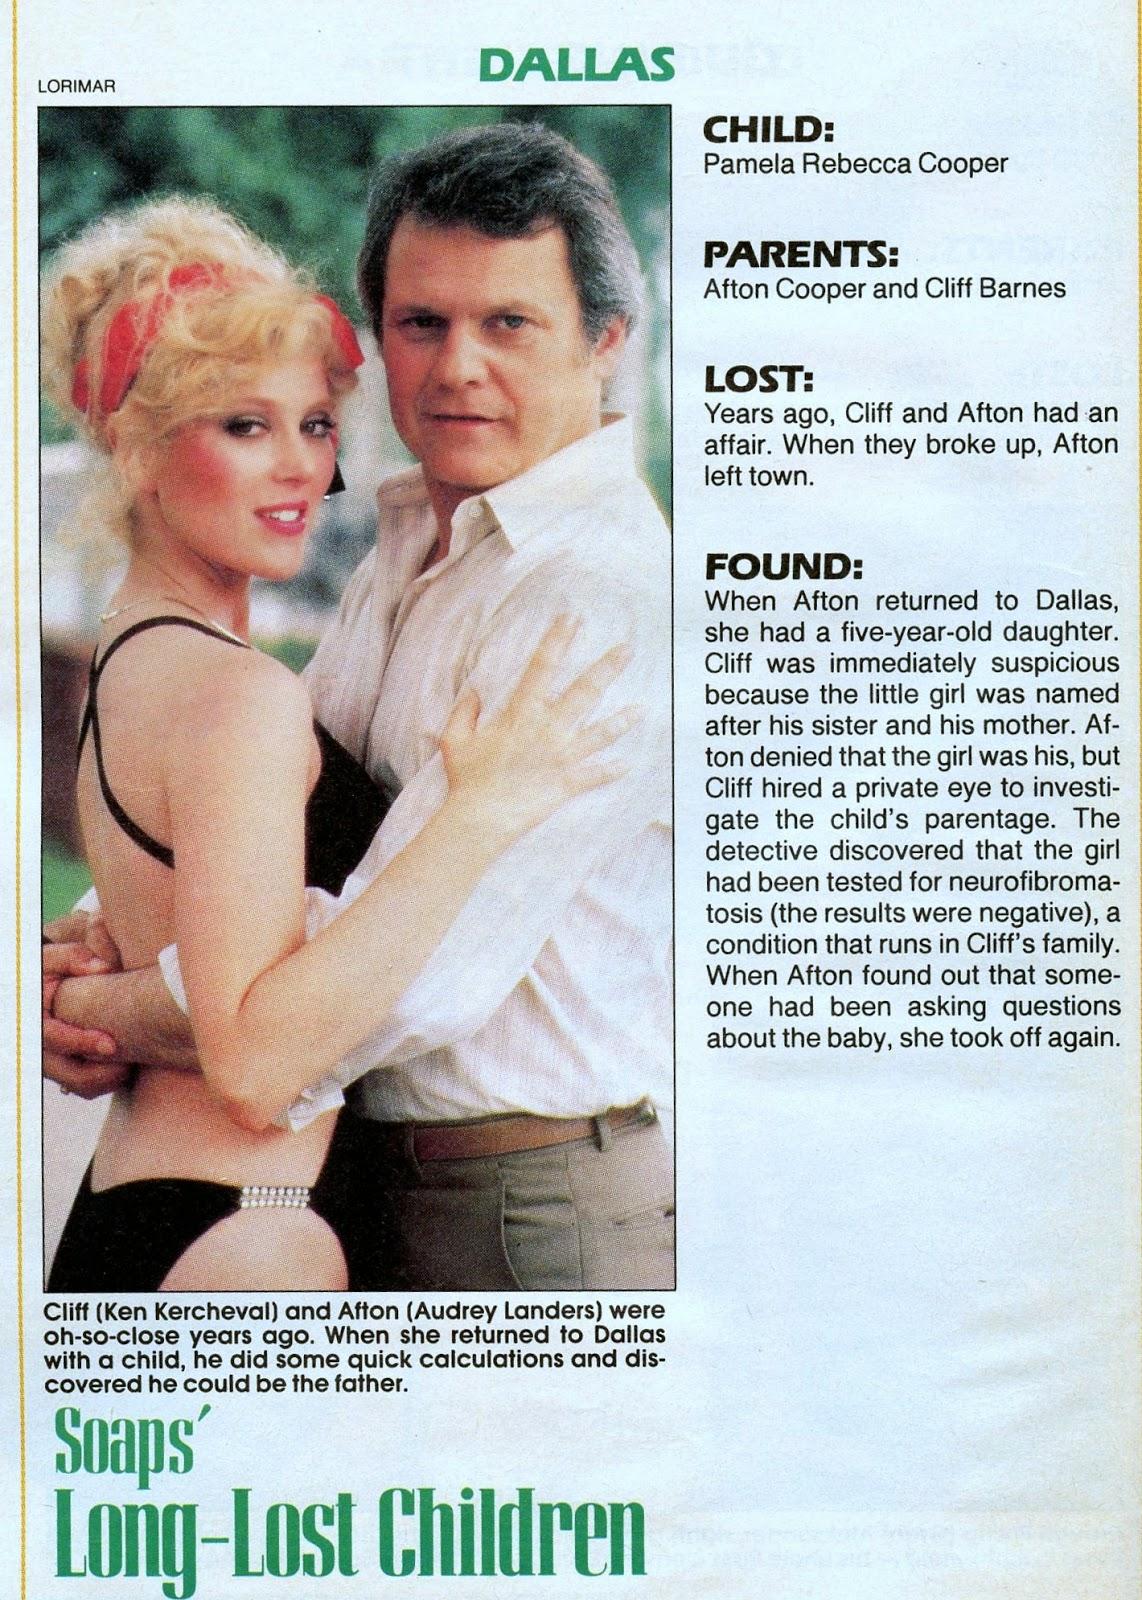 Audrey Landers Dallas soap's long-lost children part 13 of 13